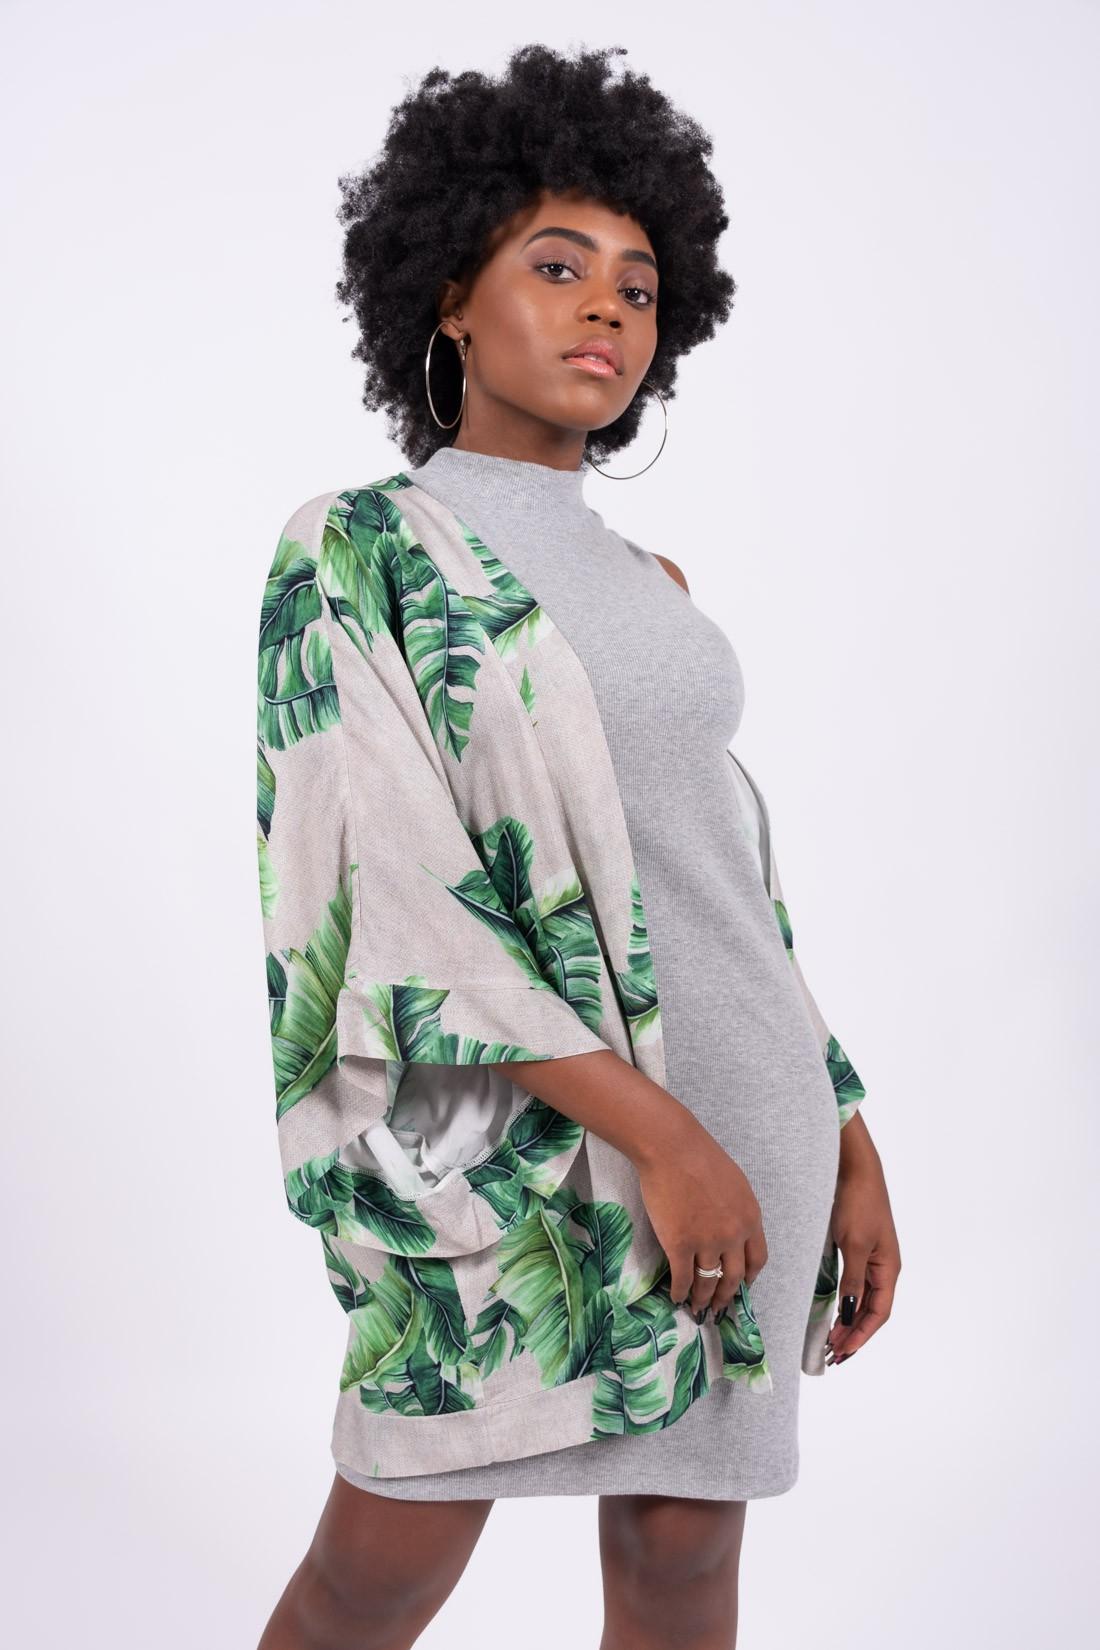 Kimono Yexx Folhagem